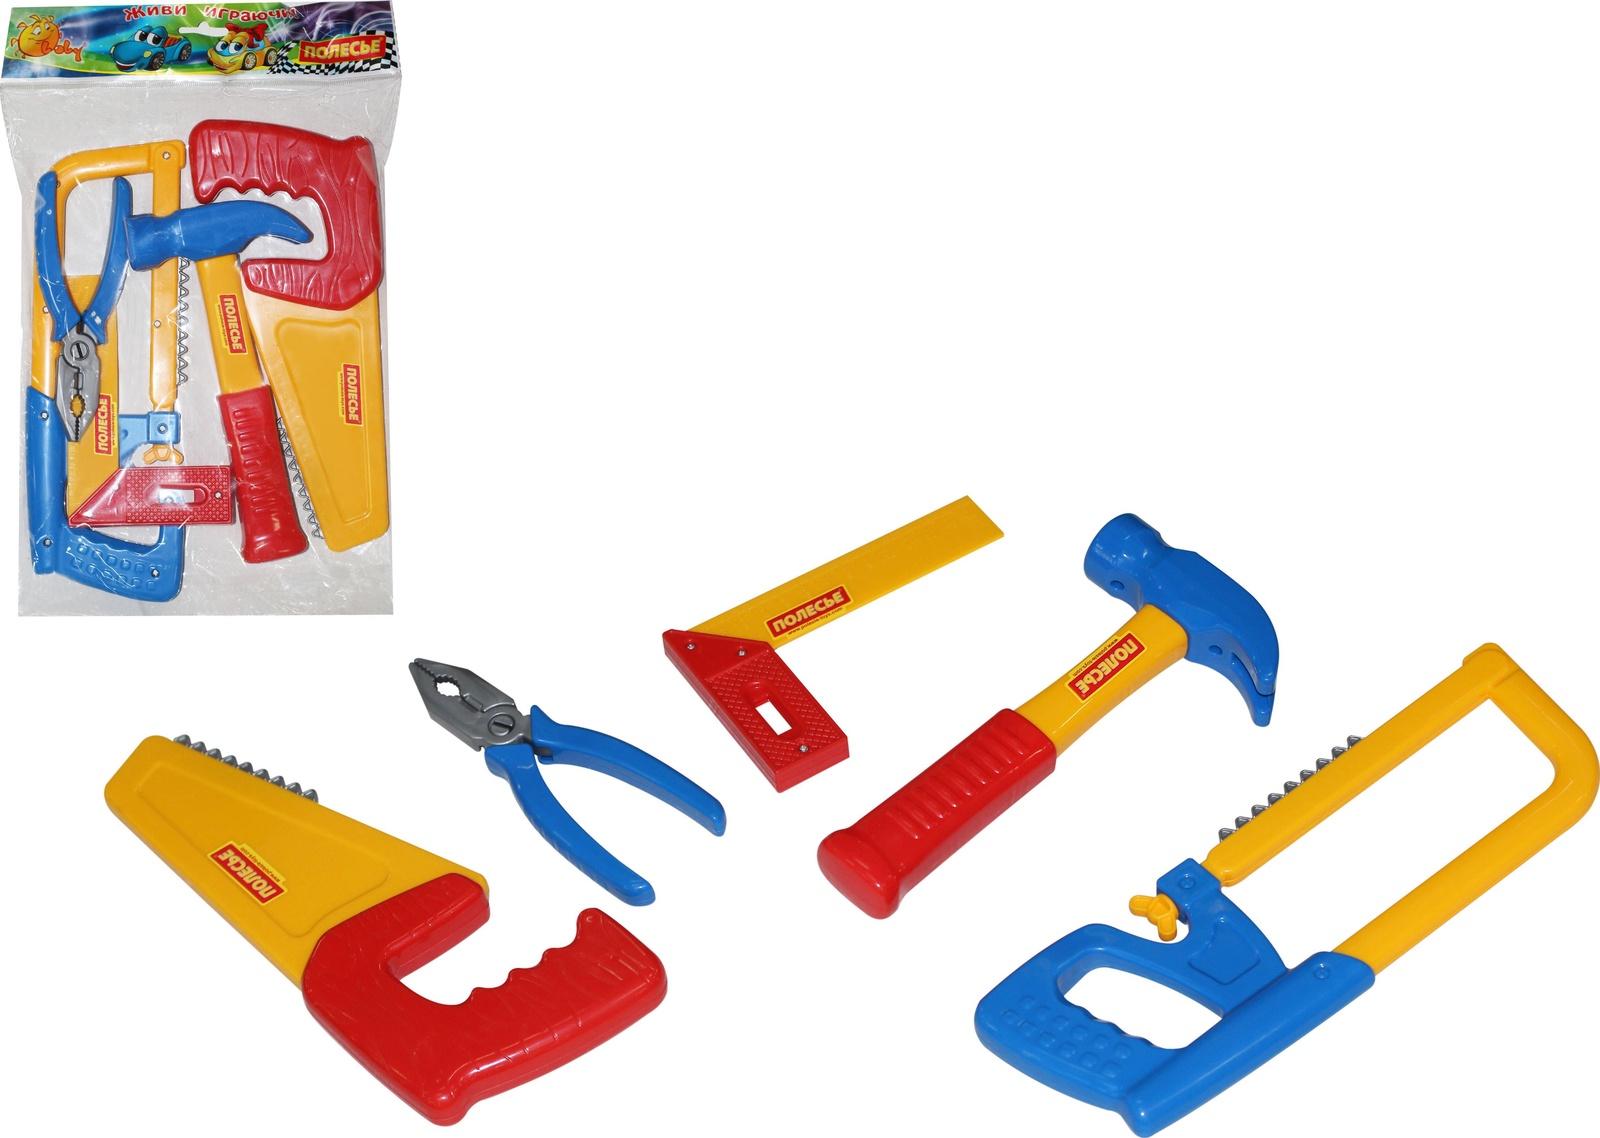 Набор инструментов Polesie №11, 53763_PLS, желтый, синий, красный